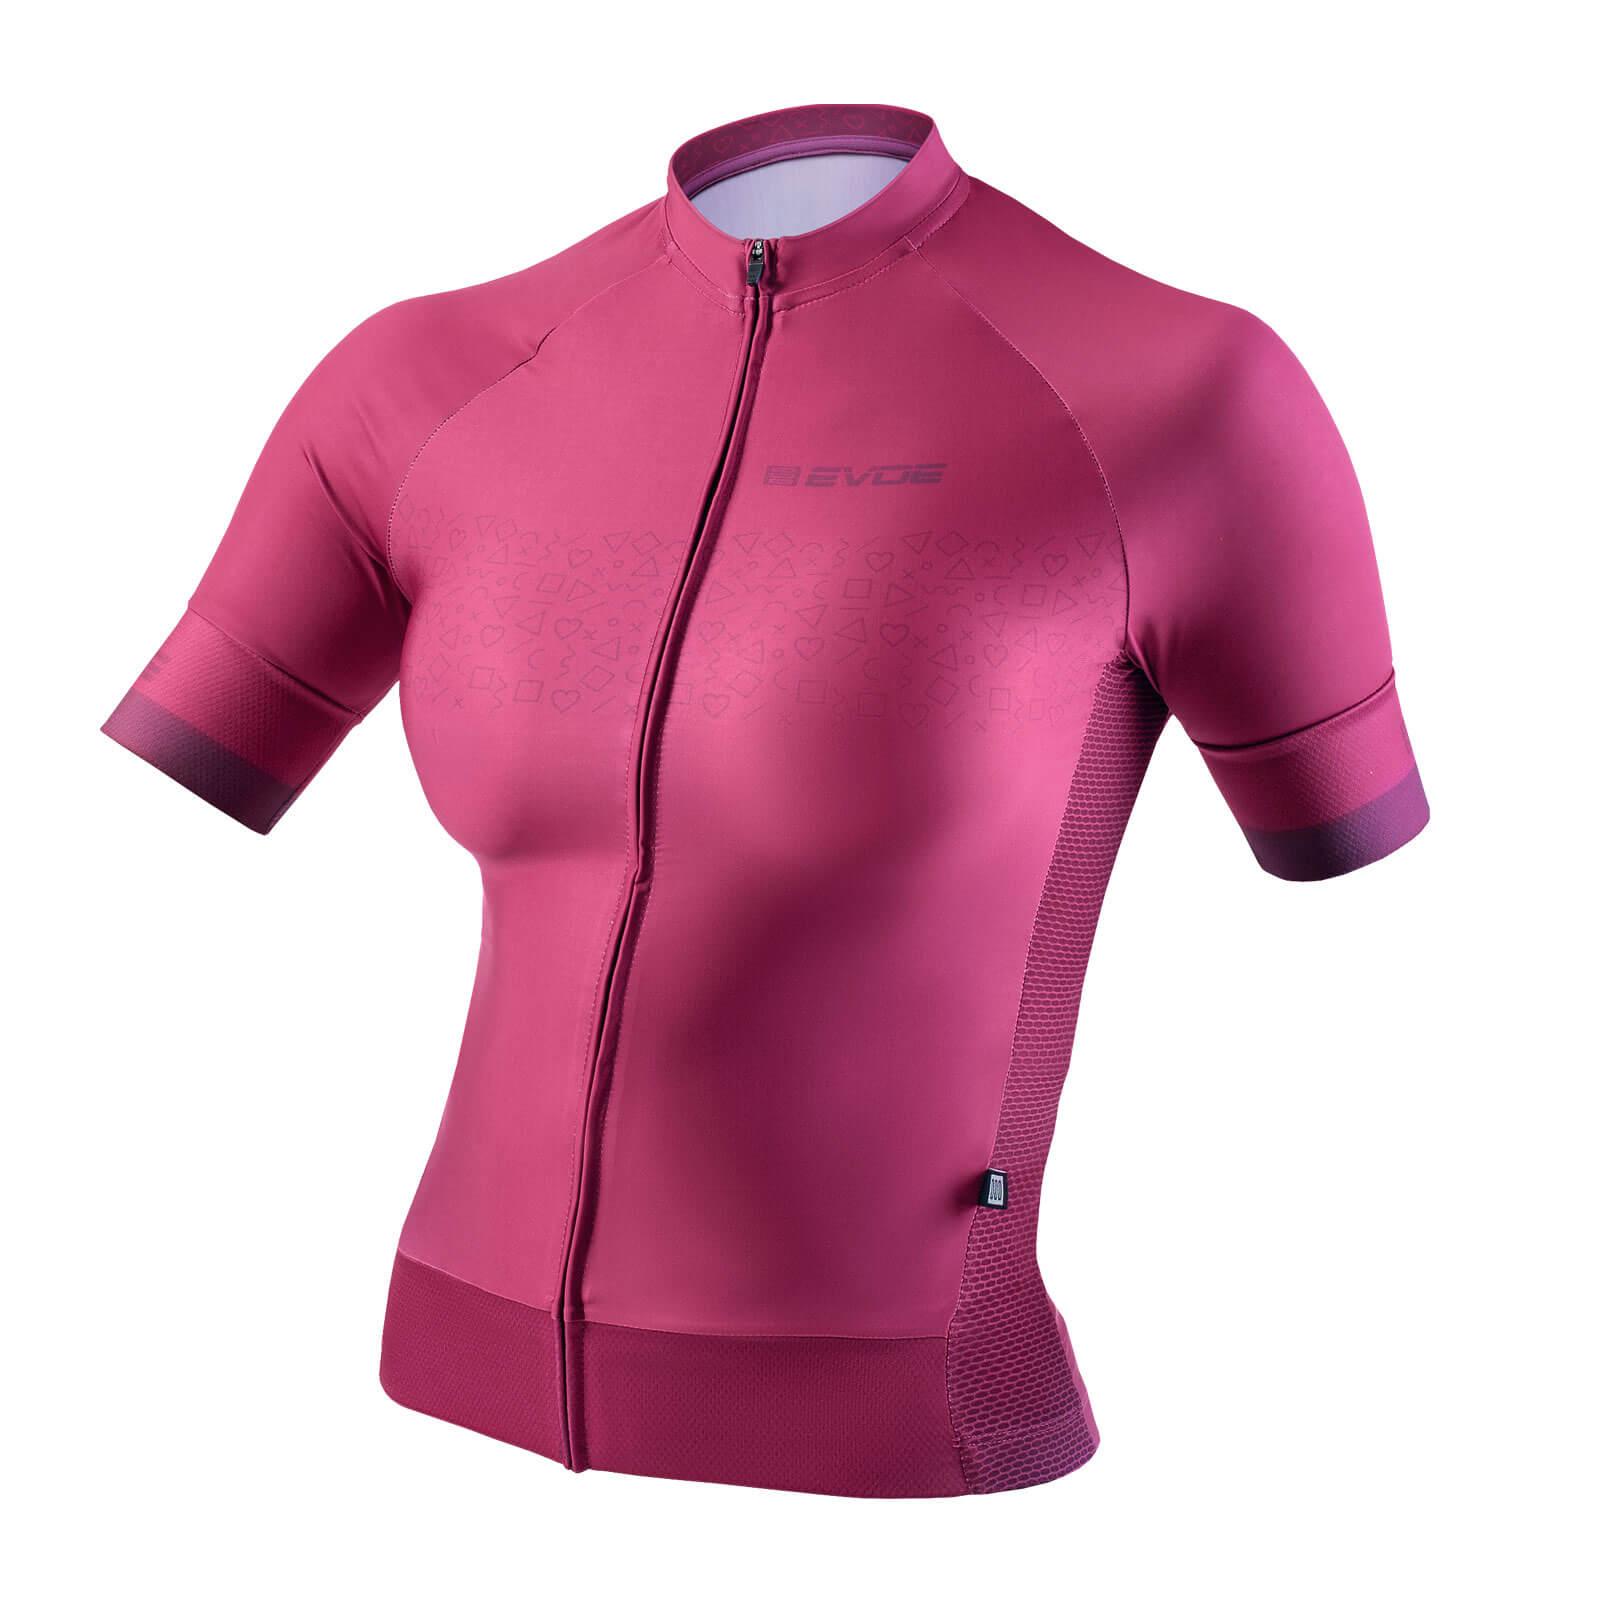 Camisa Evoe feminina na cor Vermelho